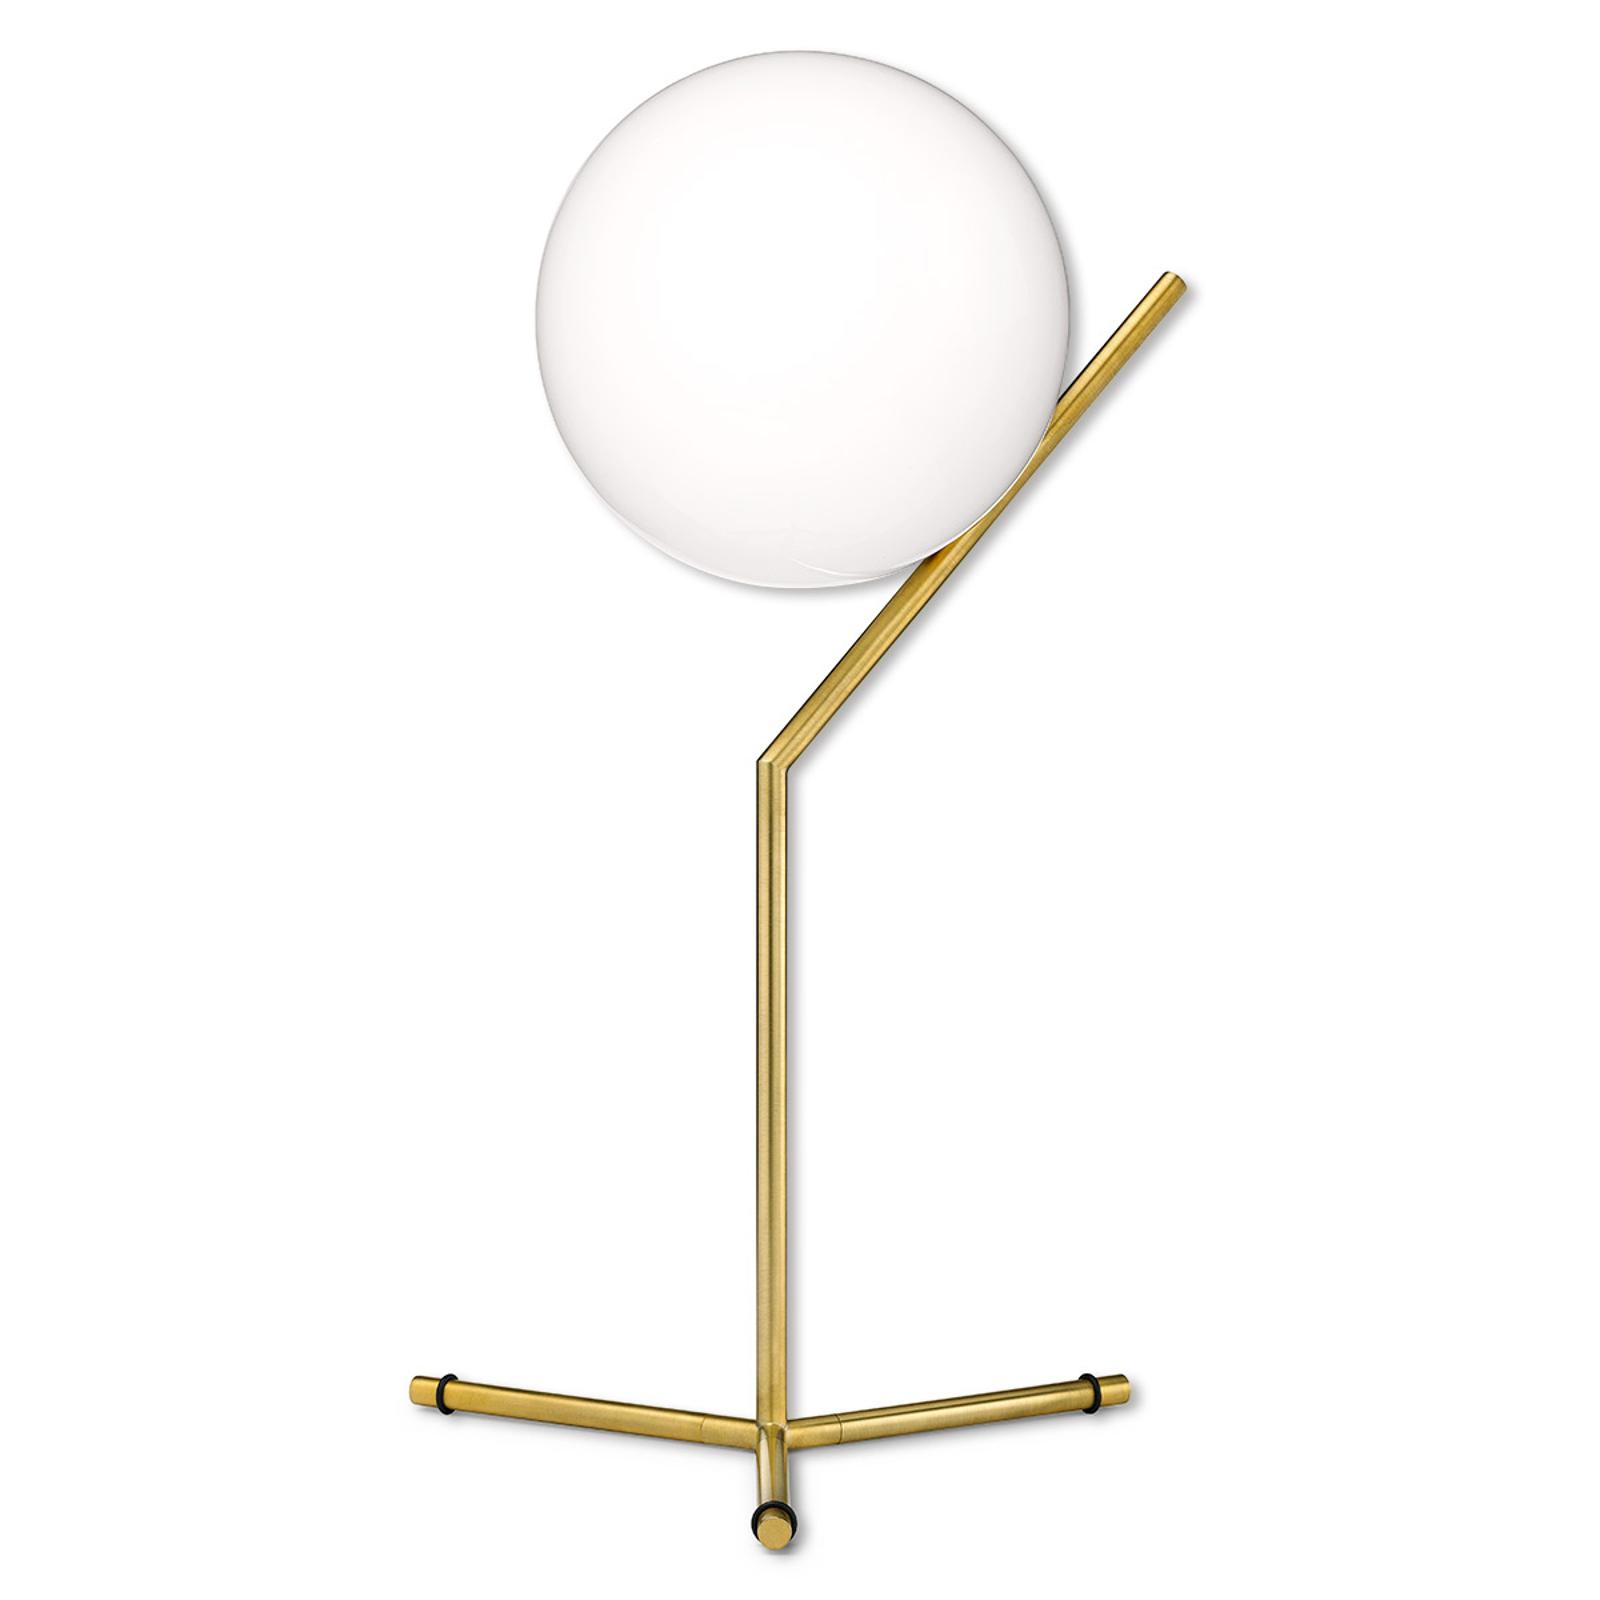 IC T1 - Lampada da tavolo FLOS, ottone spazzolato